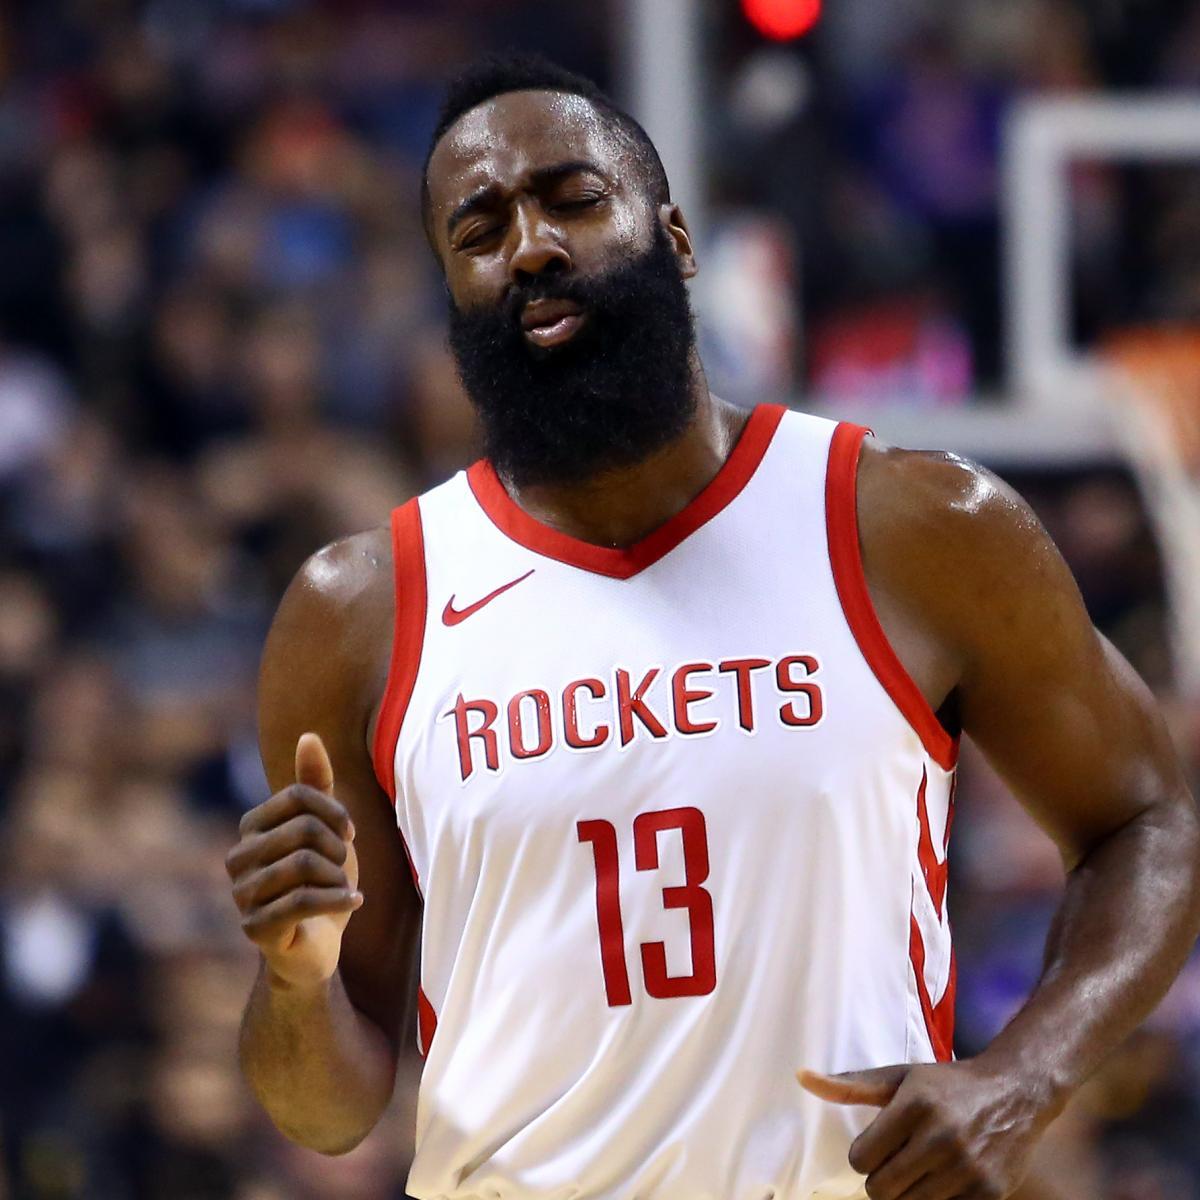 Houston Rockets Win Last Night: Rockets' 17 Game Win Streak Snapped In Loss To Raptors